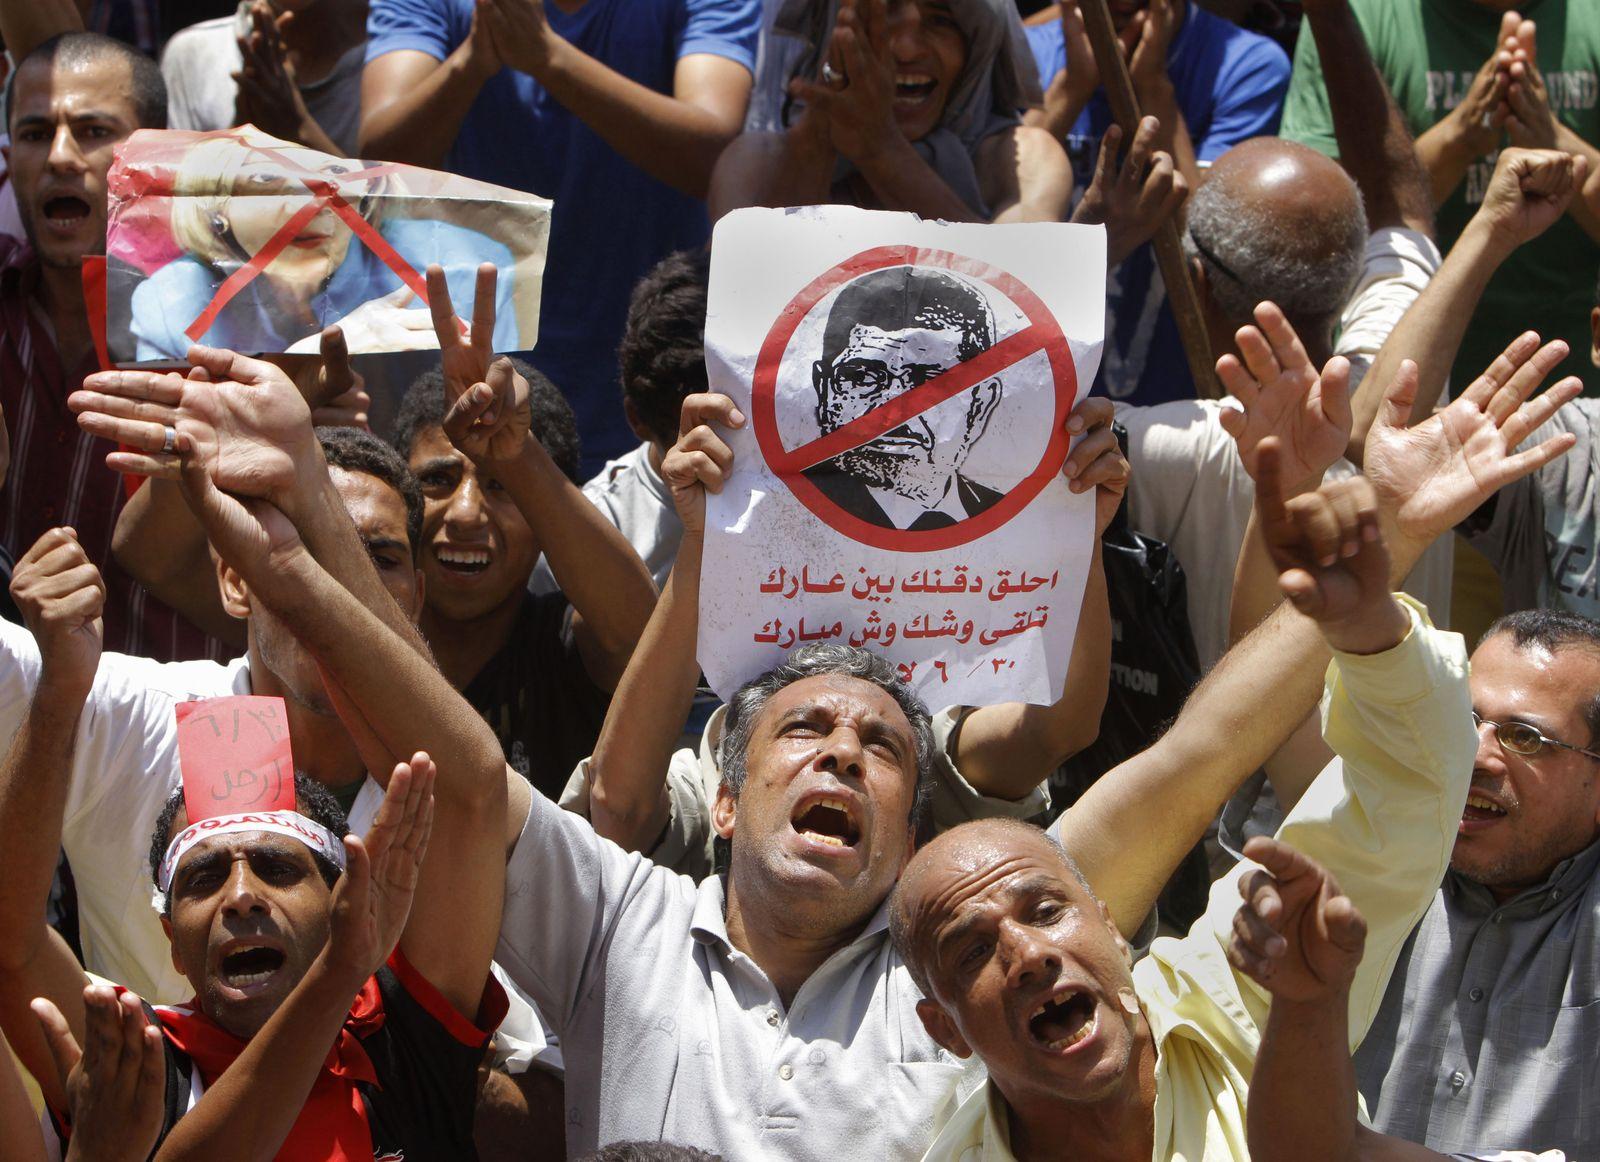 DER SPIEGEL 27/2013 S. 84 SPIN Ägypten